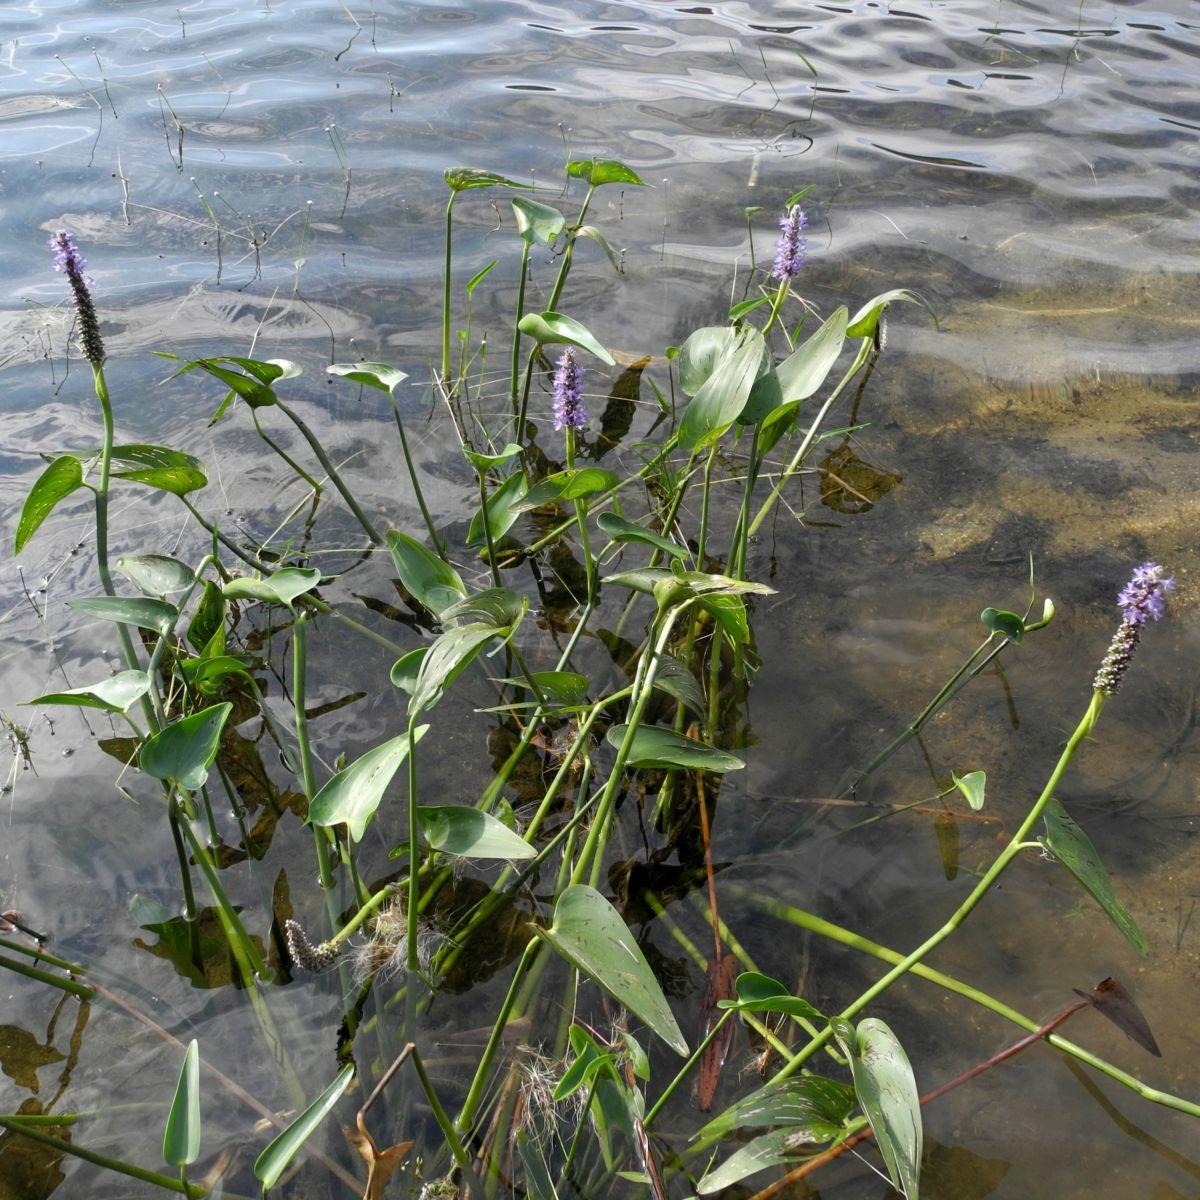 Herzblaettriges Hechtkraut Pontederia cordata